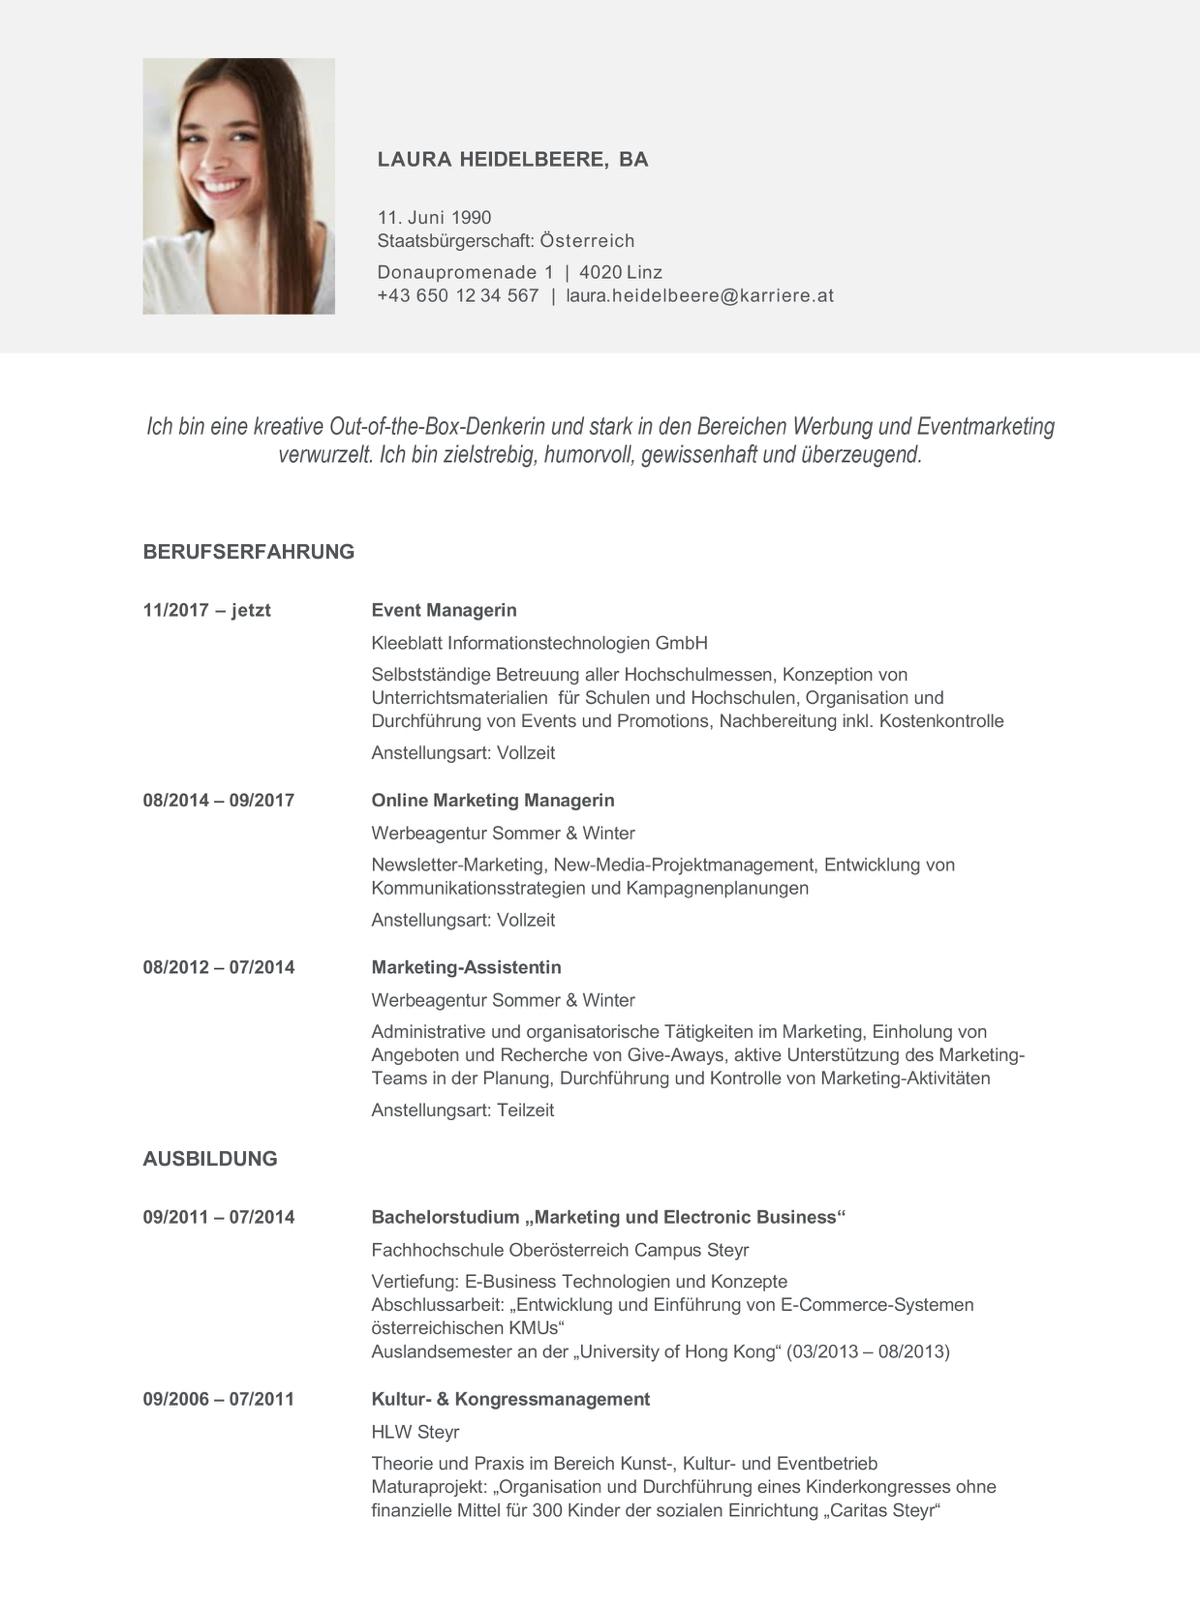 Tabellarischer Lebenslauf Muster Vorlagen 8